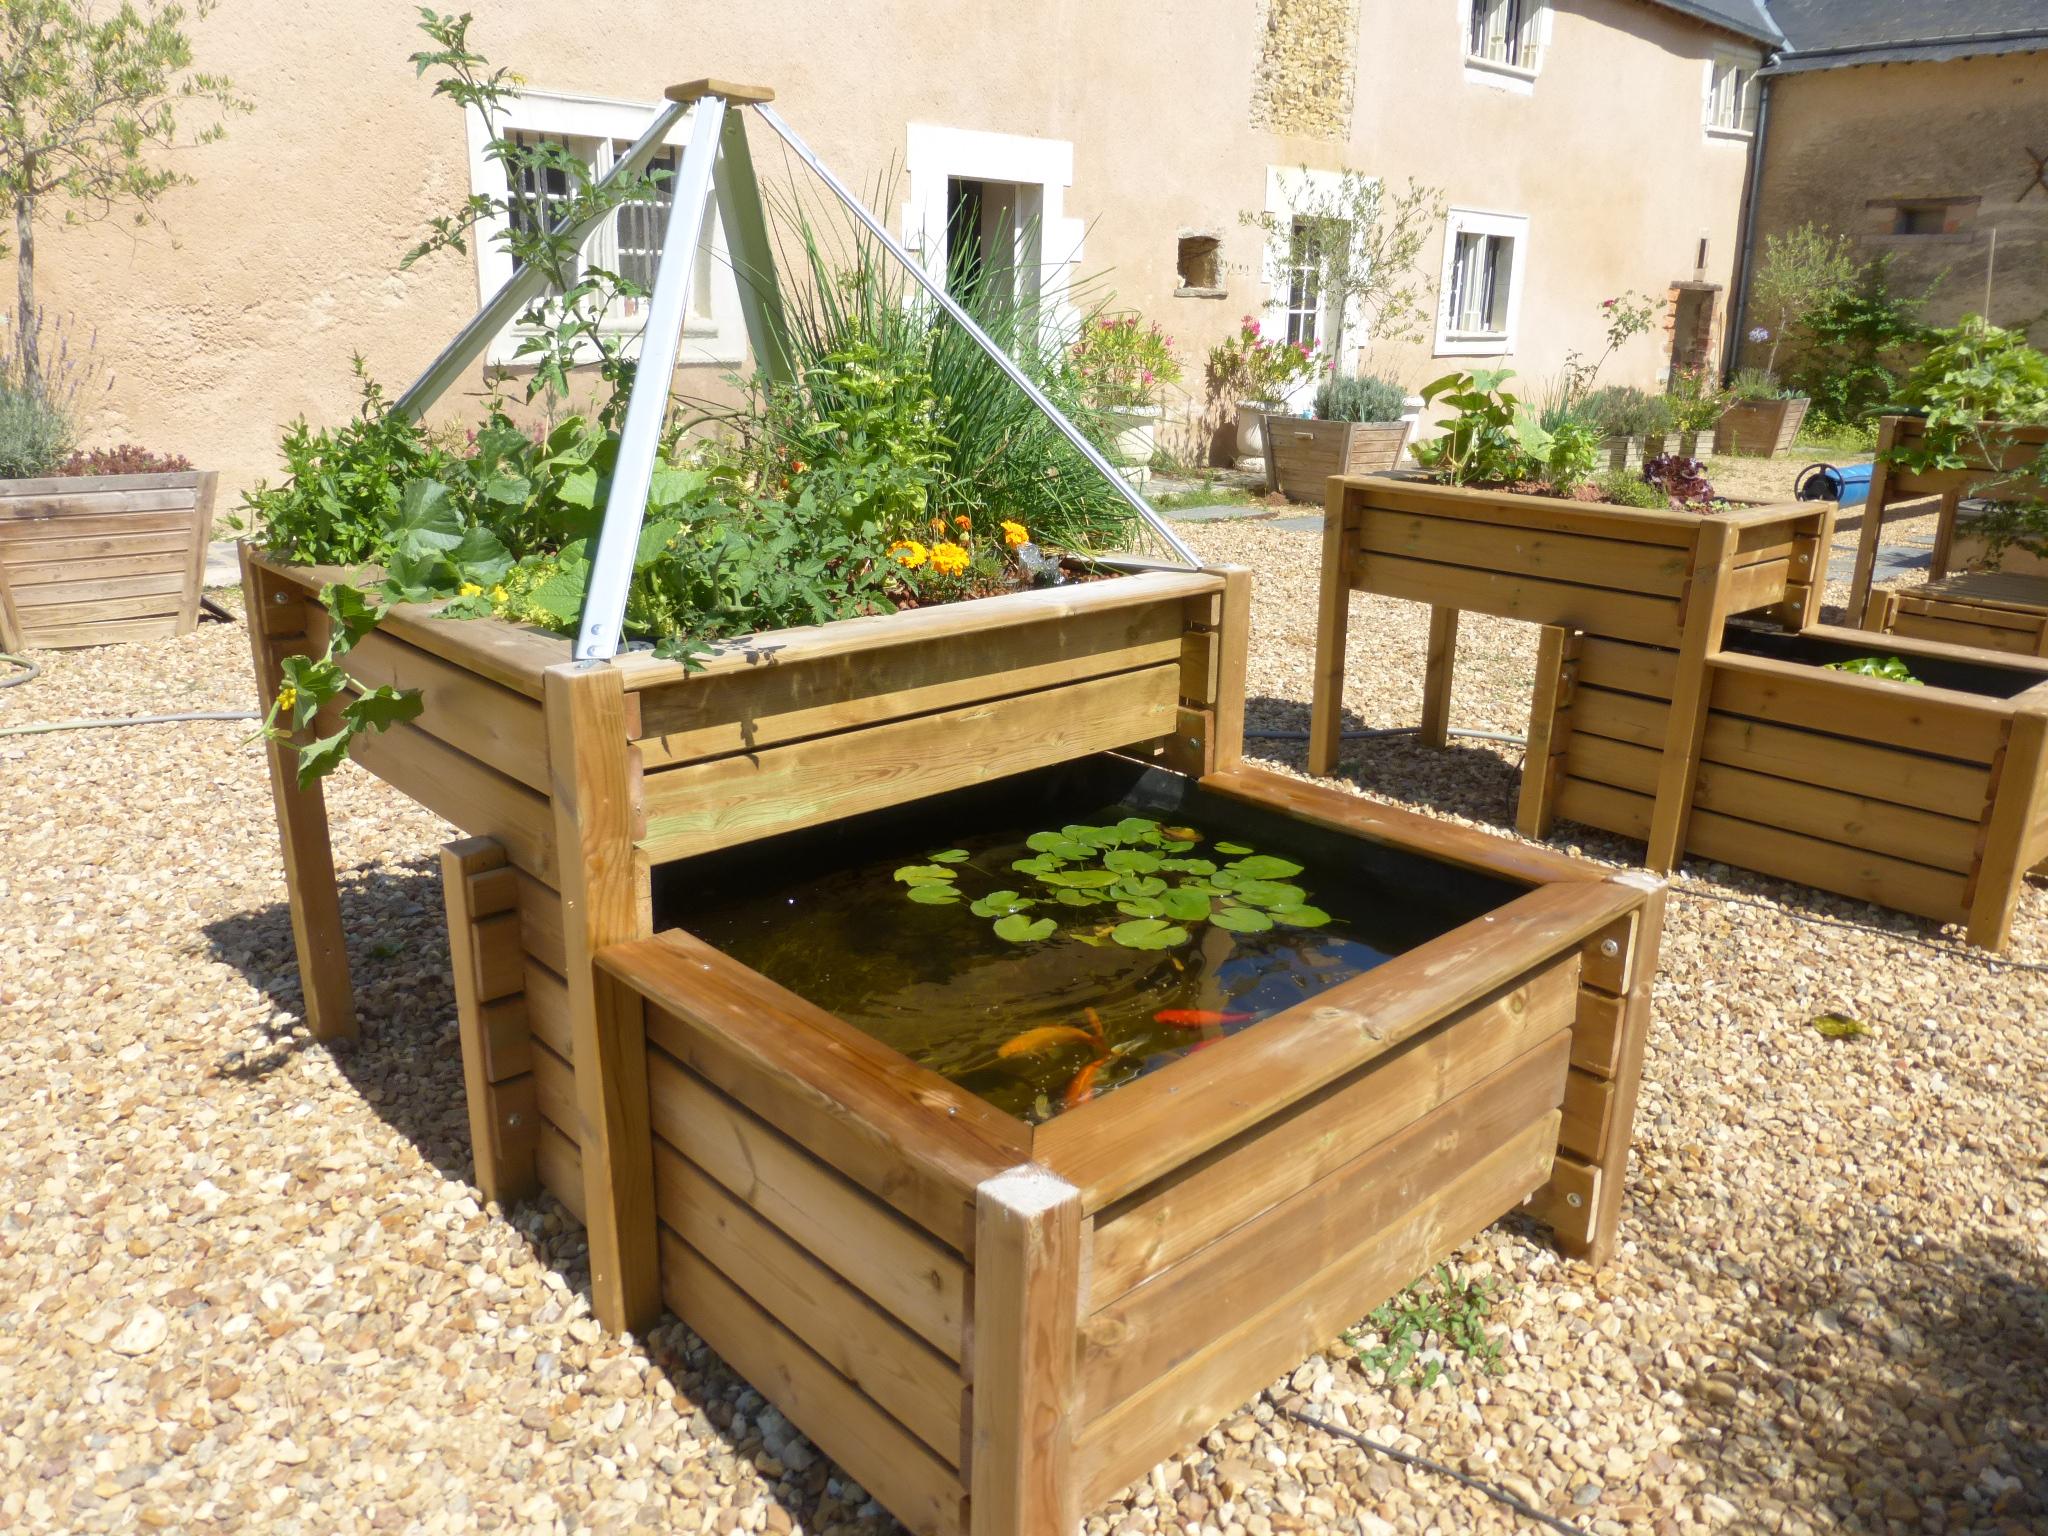 Bassin Potager Selon Le Principe De L'aquaponie - Blog Jardin à Bassin De Jardin Hors Sol